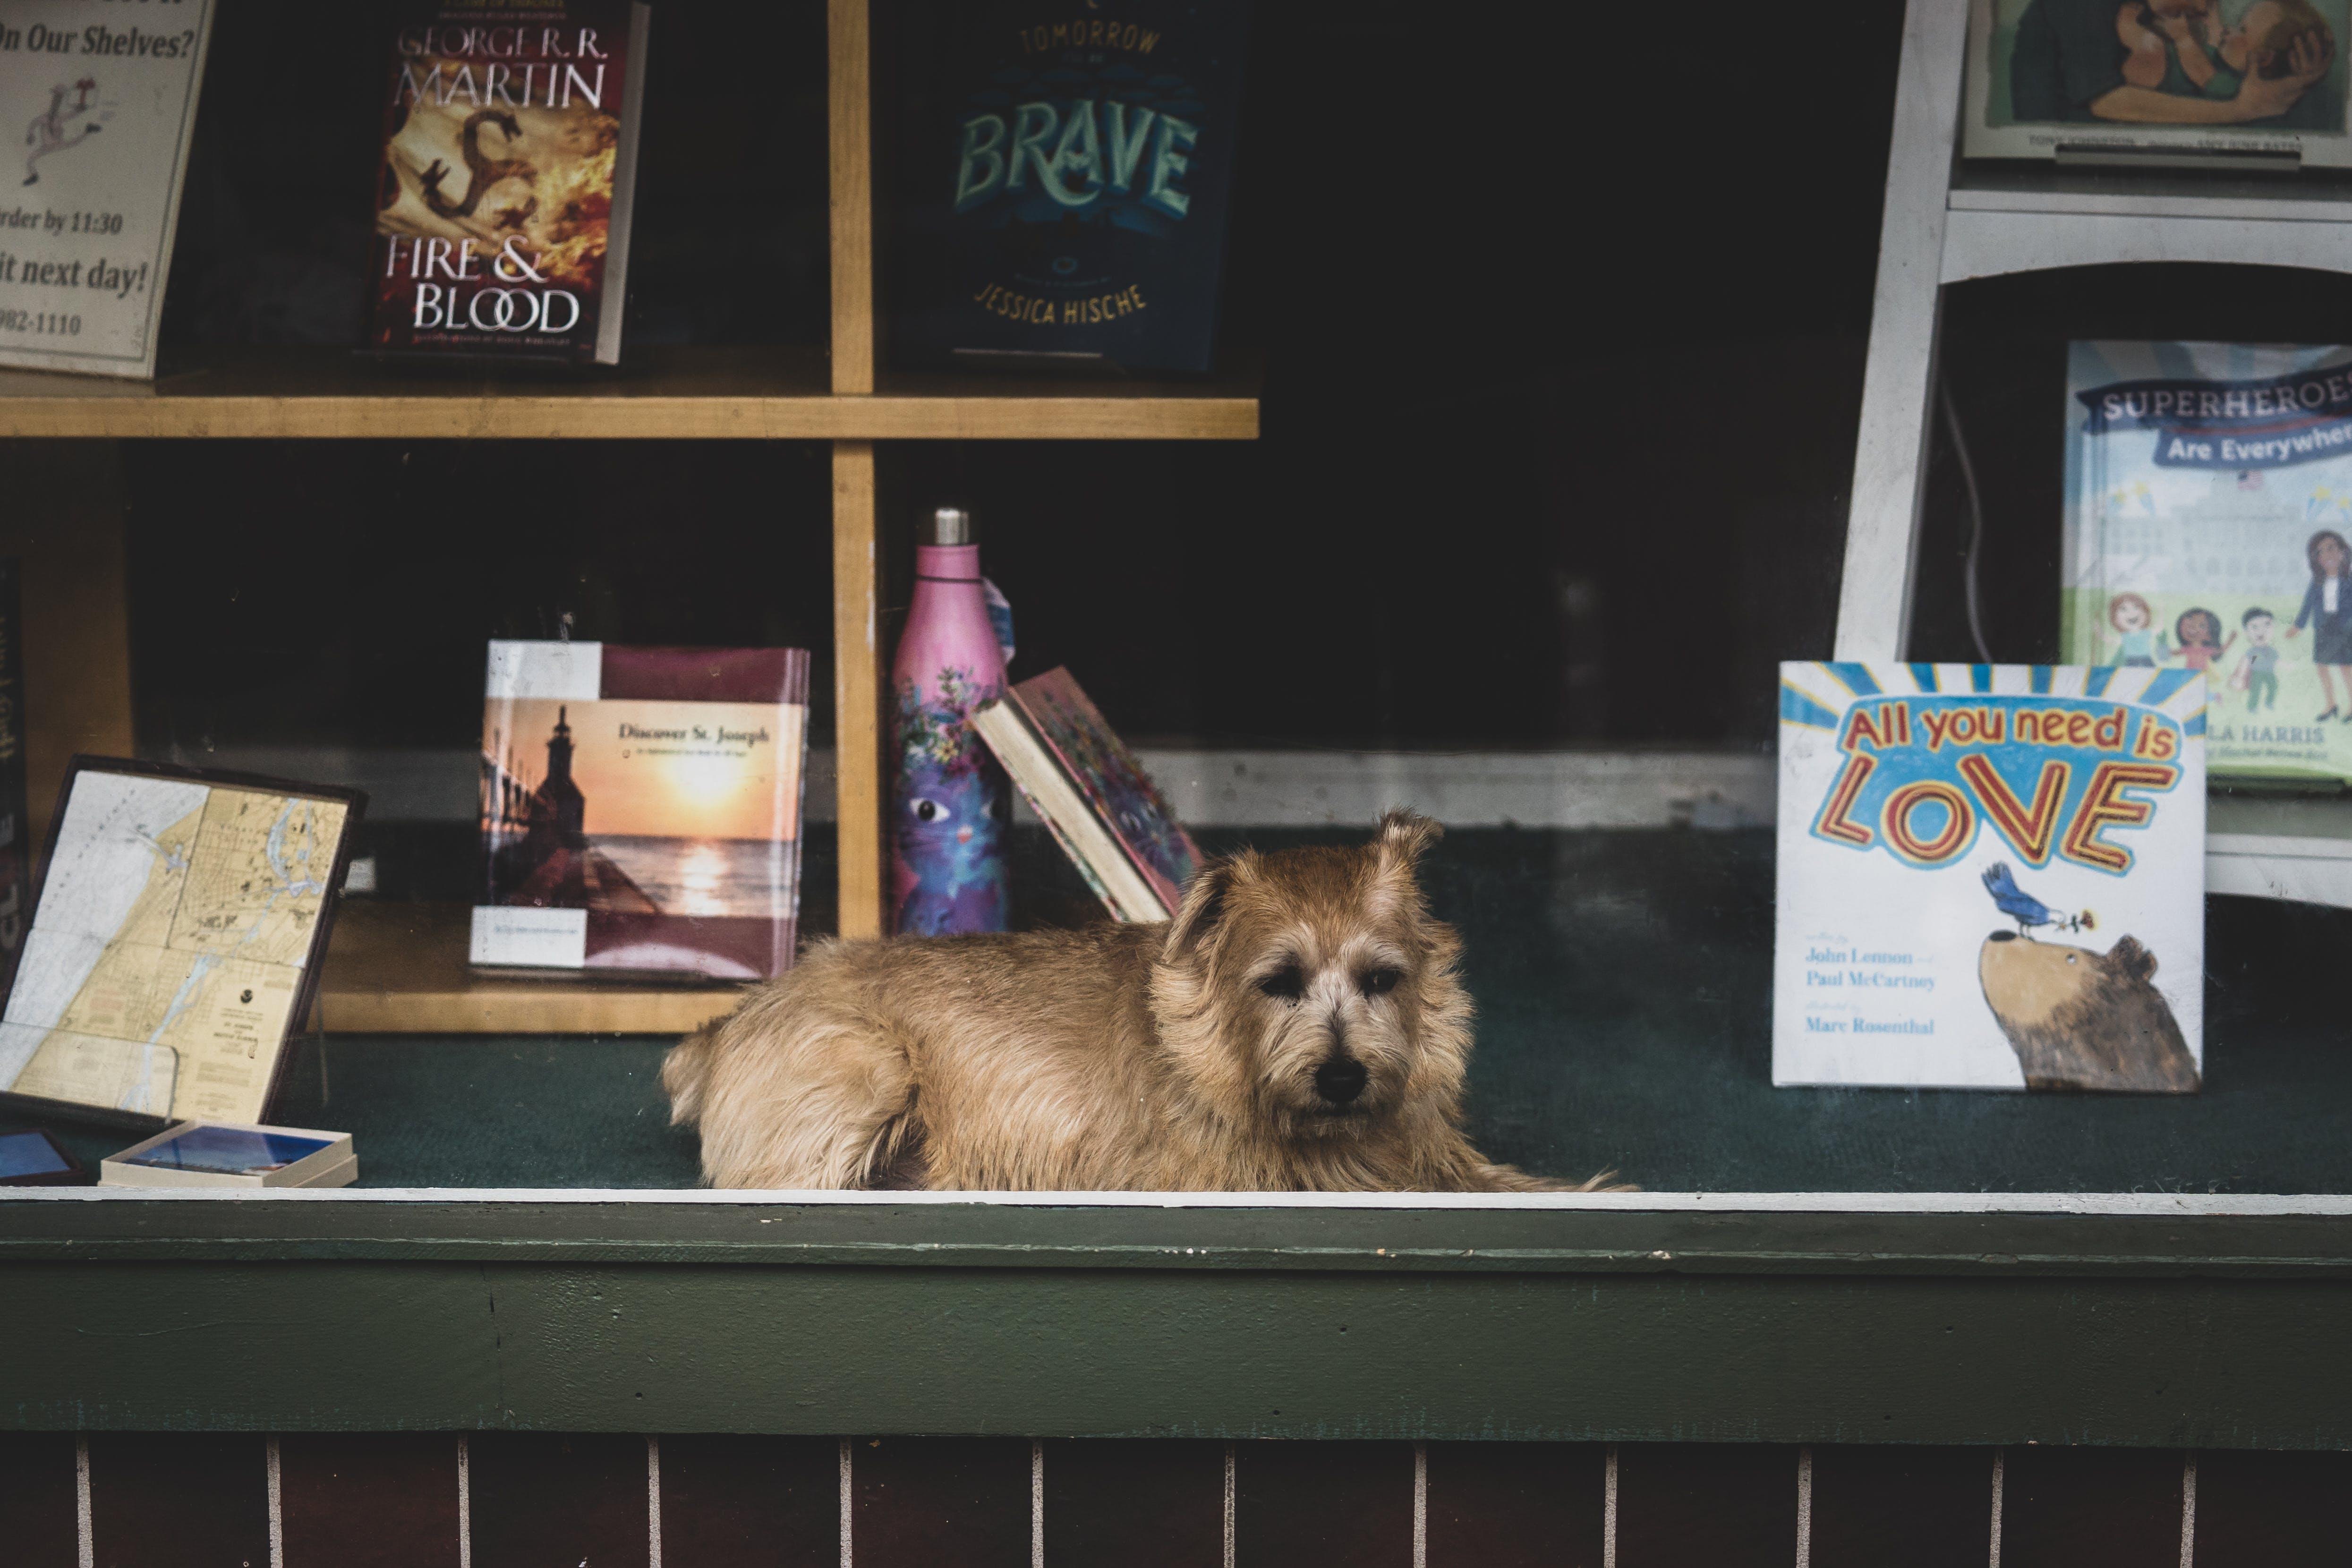 가게 앞, 개, 개의, 거리 사진의 무료 스톡 사진